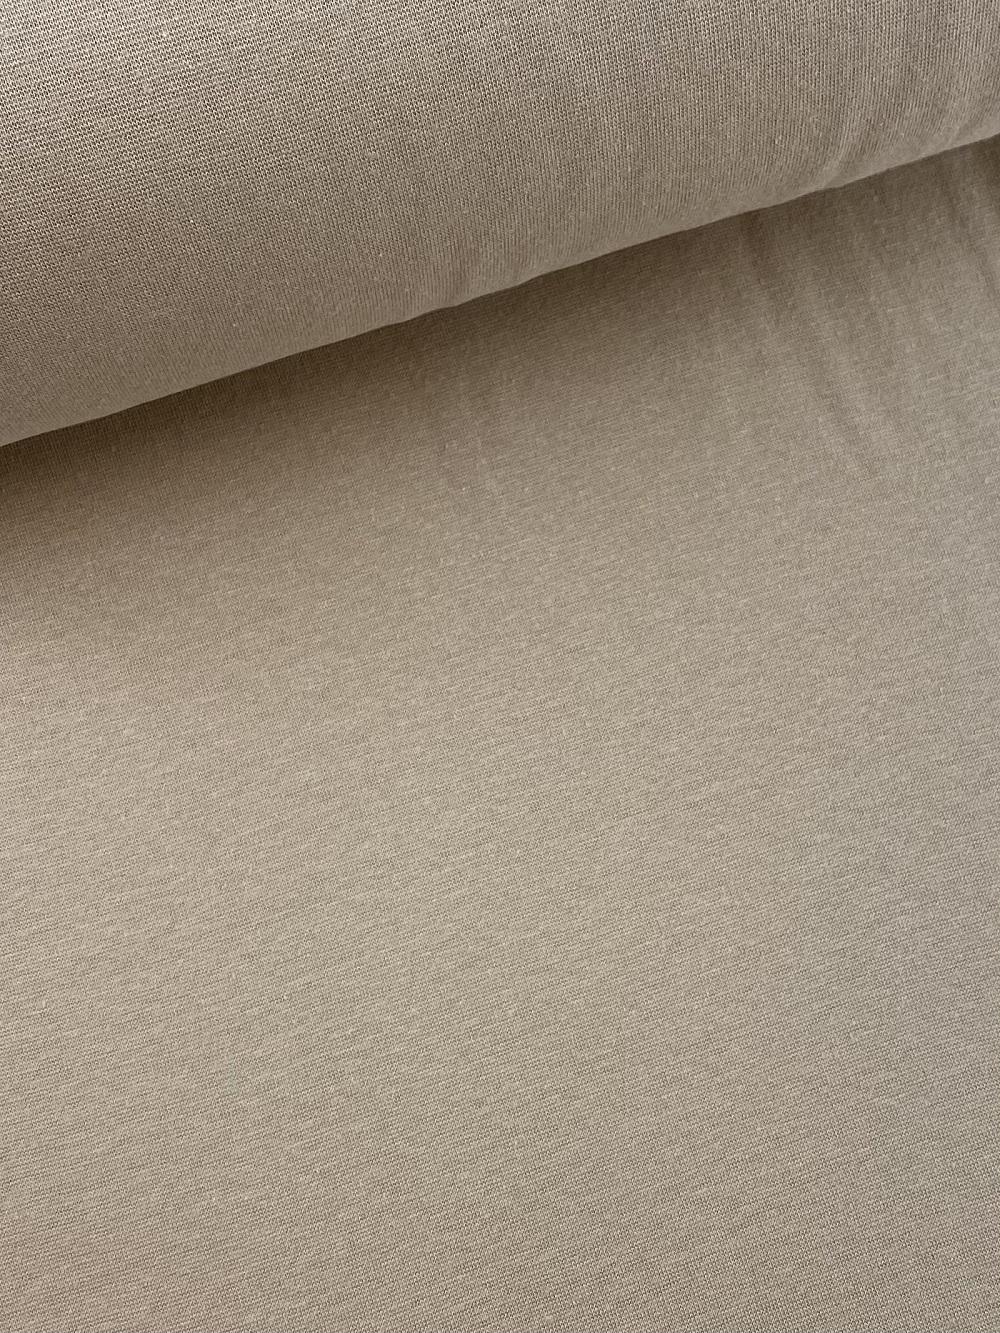 Bündchenware (glatt), beige. Art. SW10623